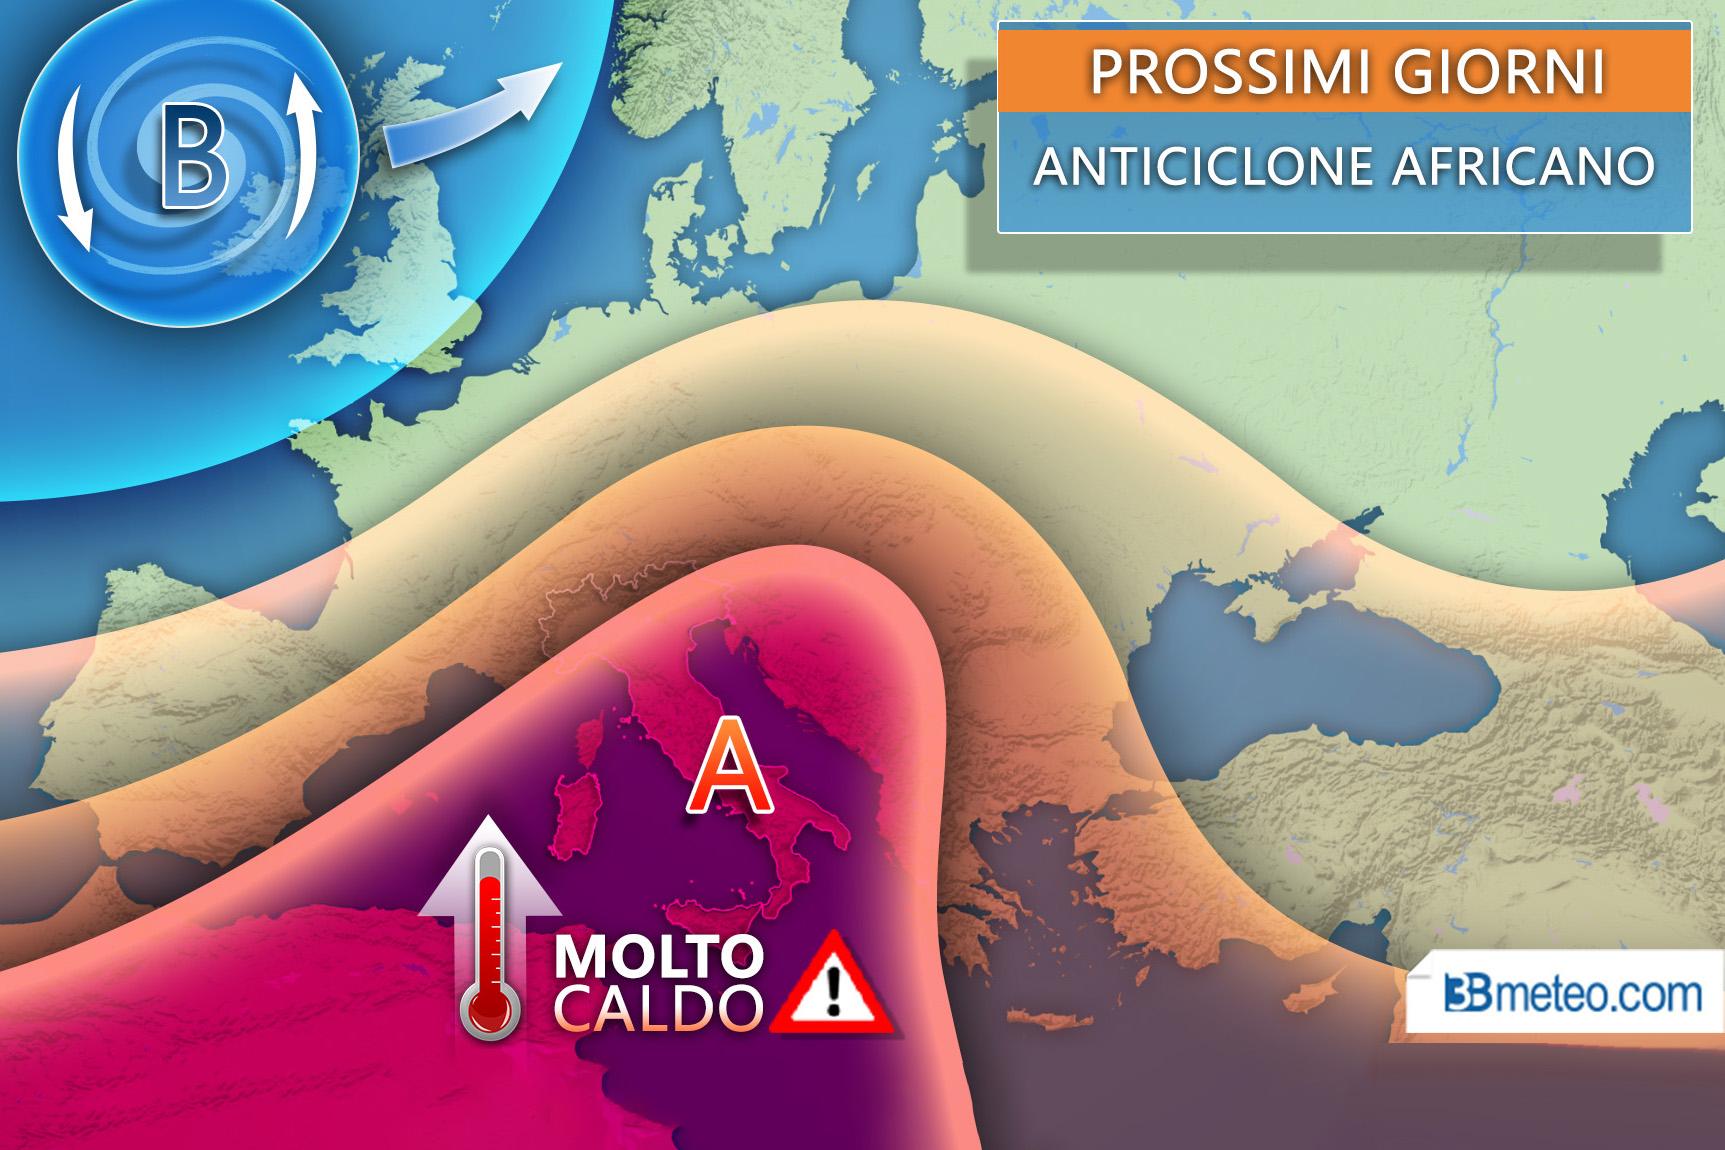 Prossimi giorni torna anticiclone africano